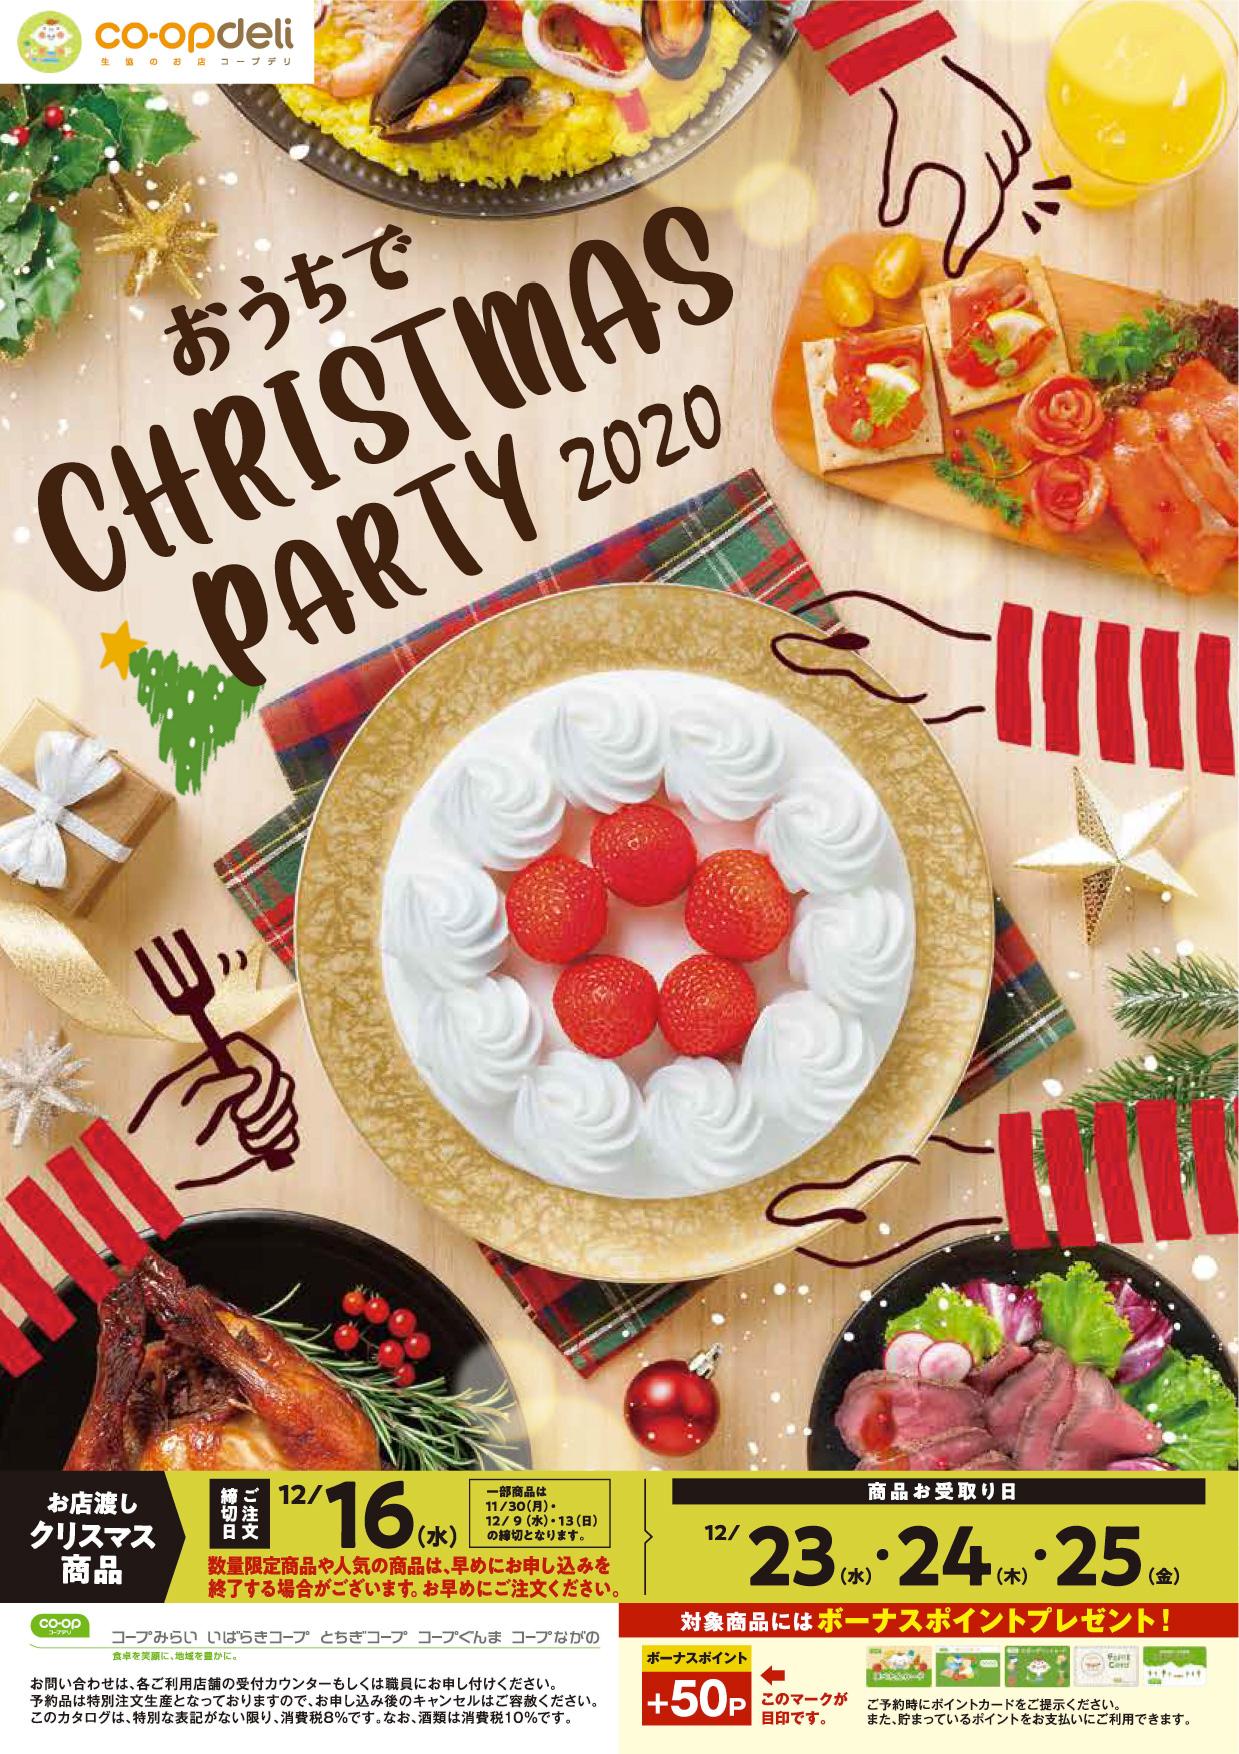 お店渡しクリスマス商品